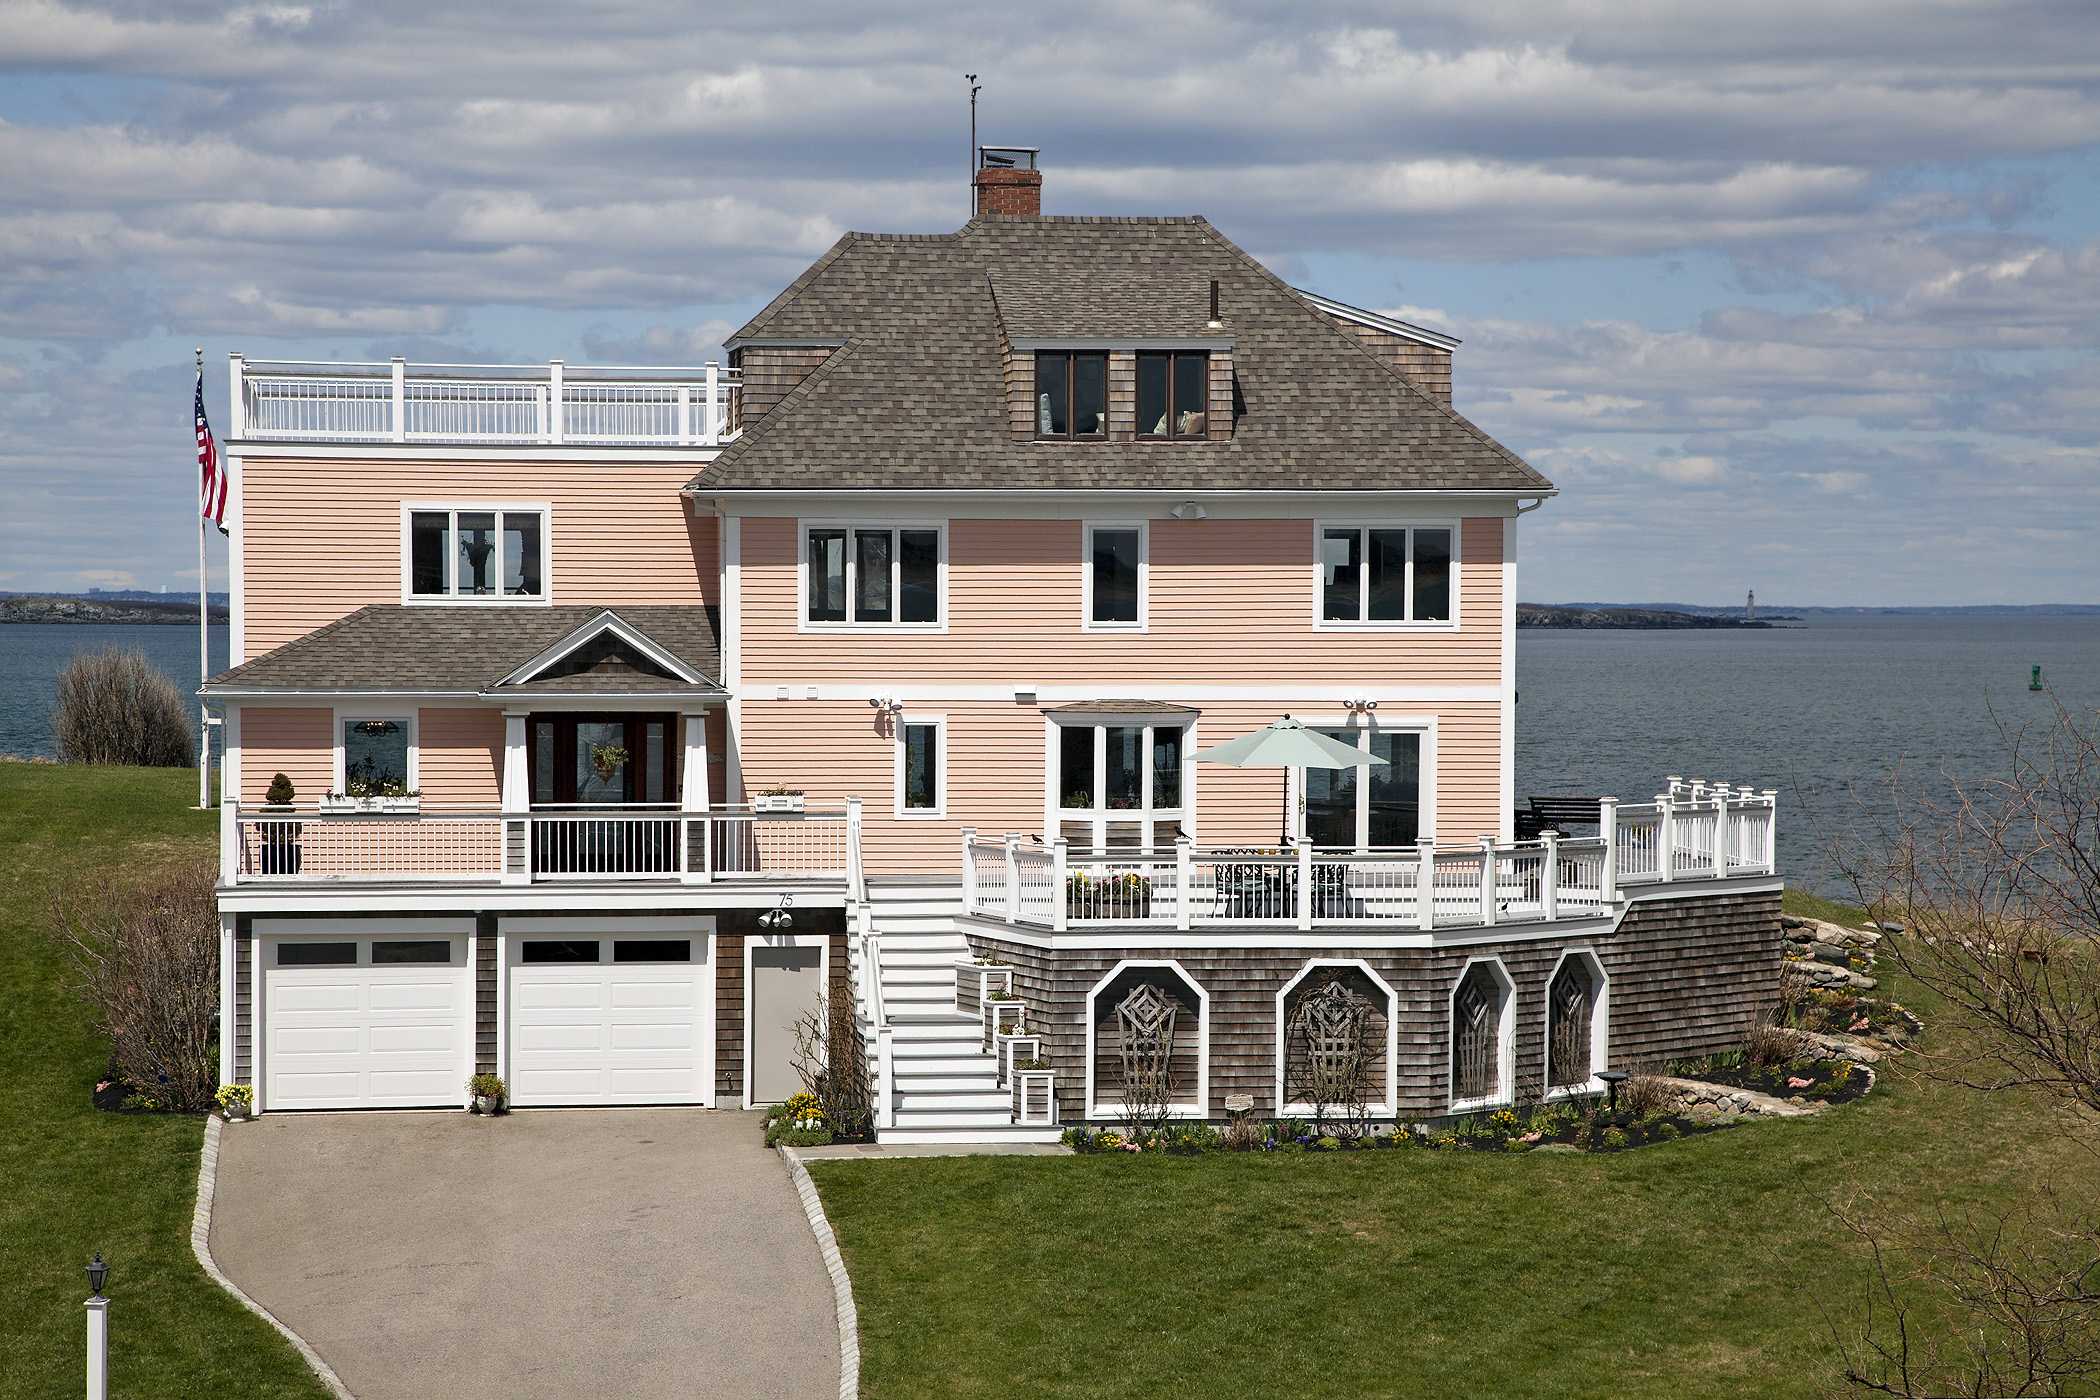 Maison unifamiliale pour l Vente à Point Allerton Retreat 75 Point Allerton Avenue Hull, Massachusetts 02045 États-Unis